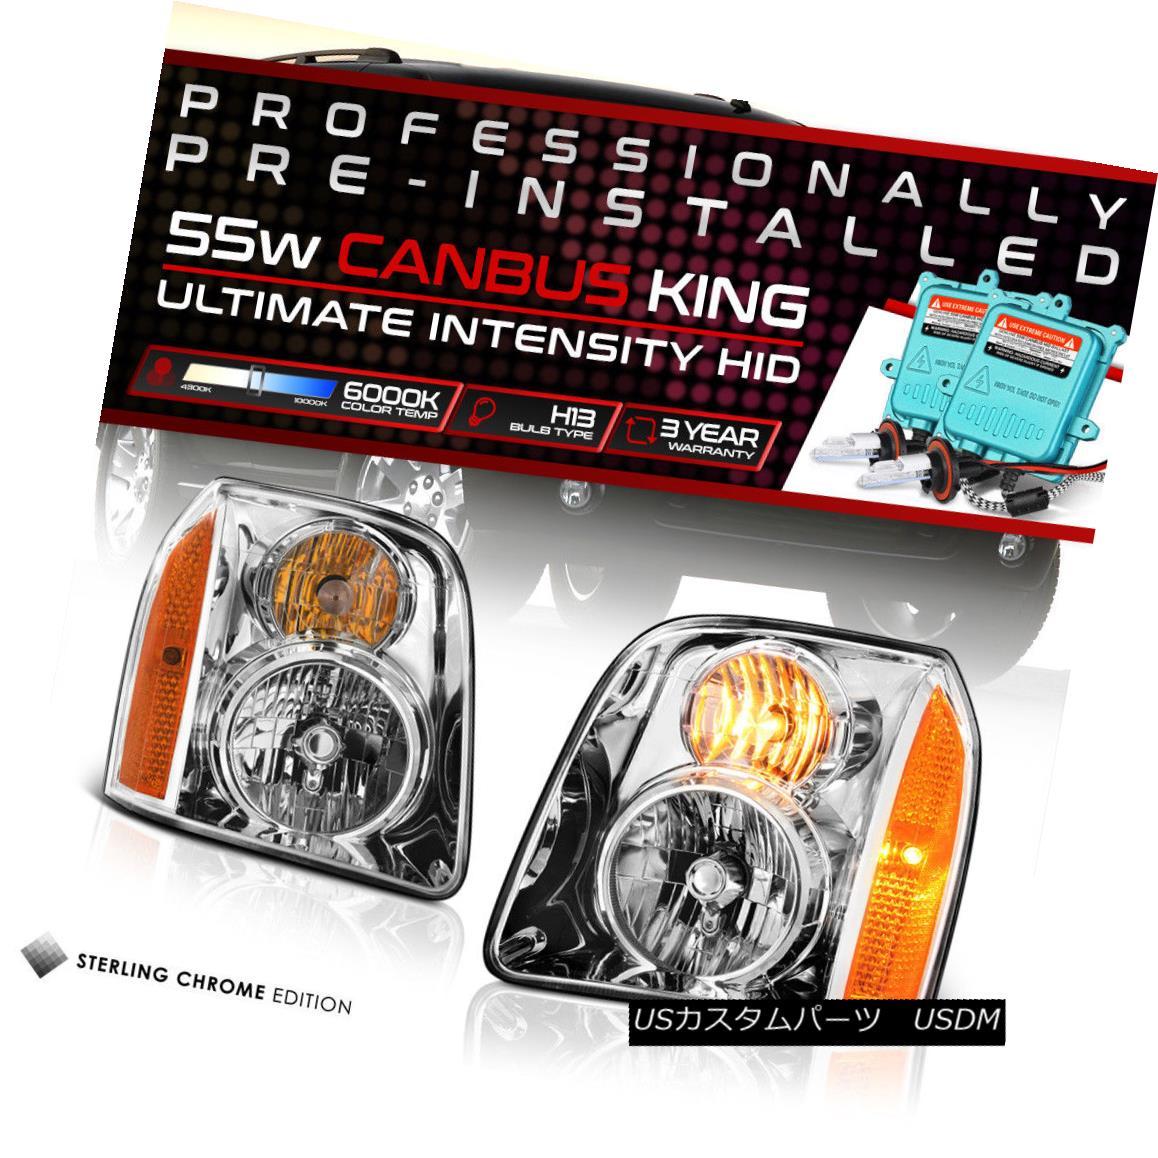 ヘッドライト [BUILT-IN HID LOW BEAM] 2007-2014 GMC Yukon XL Chrome Headlights Replacement SET [HID LIGHT BEAM内蔵] 2007-2014 GMC Yukon XLクロームヘッドライト交換用セット